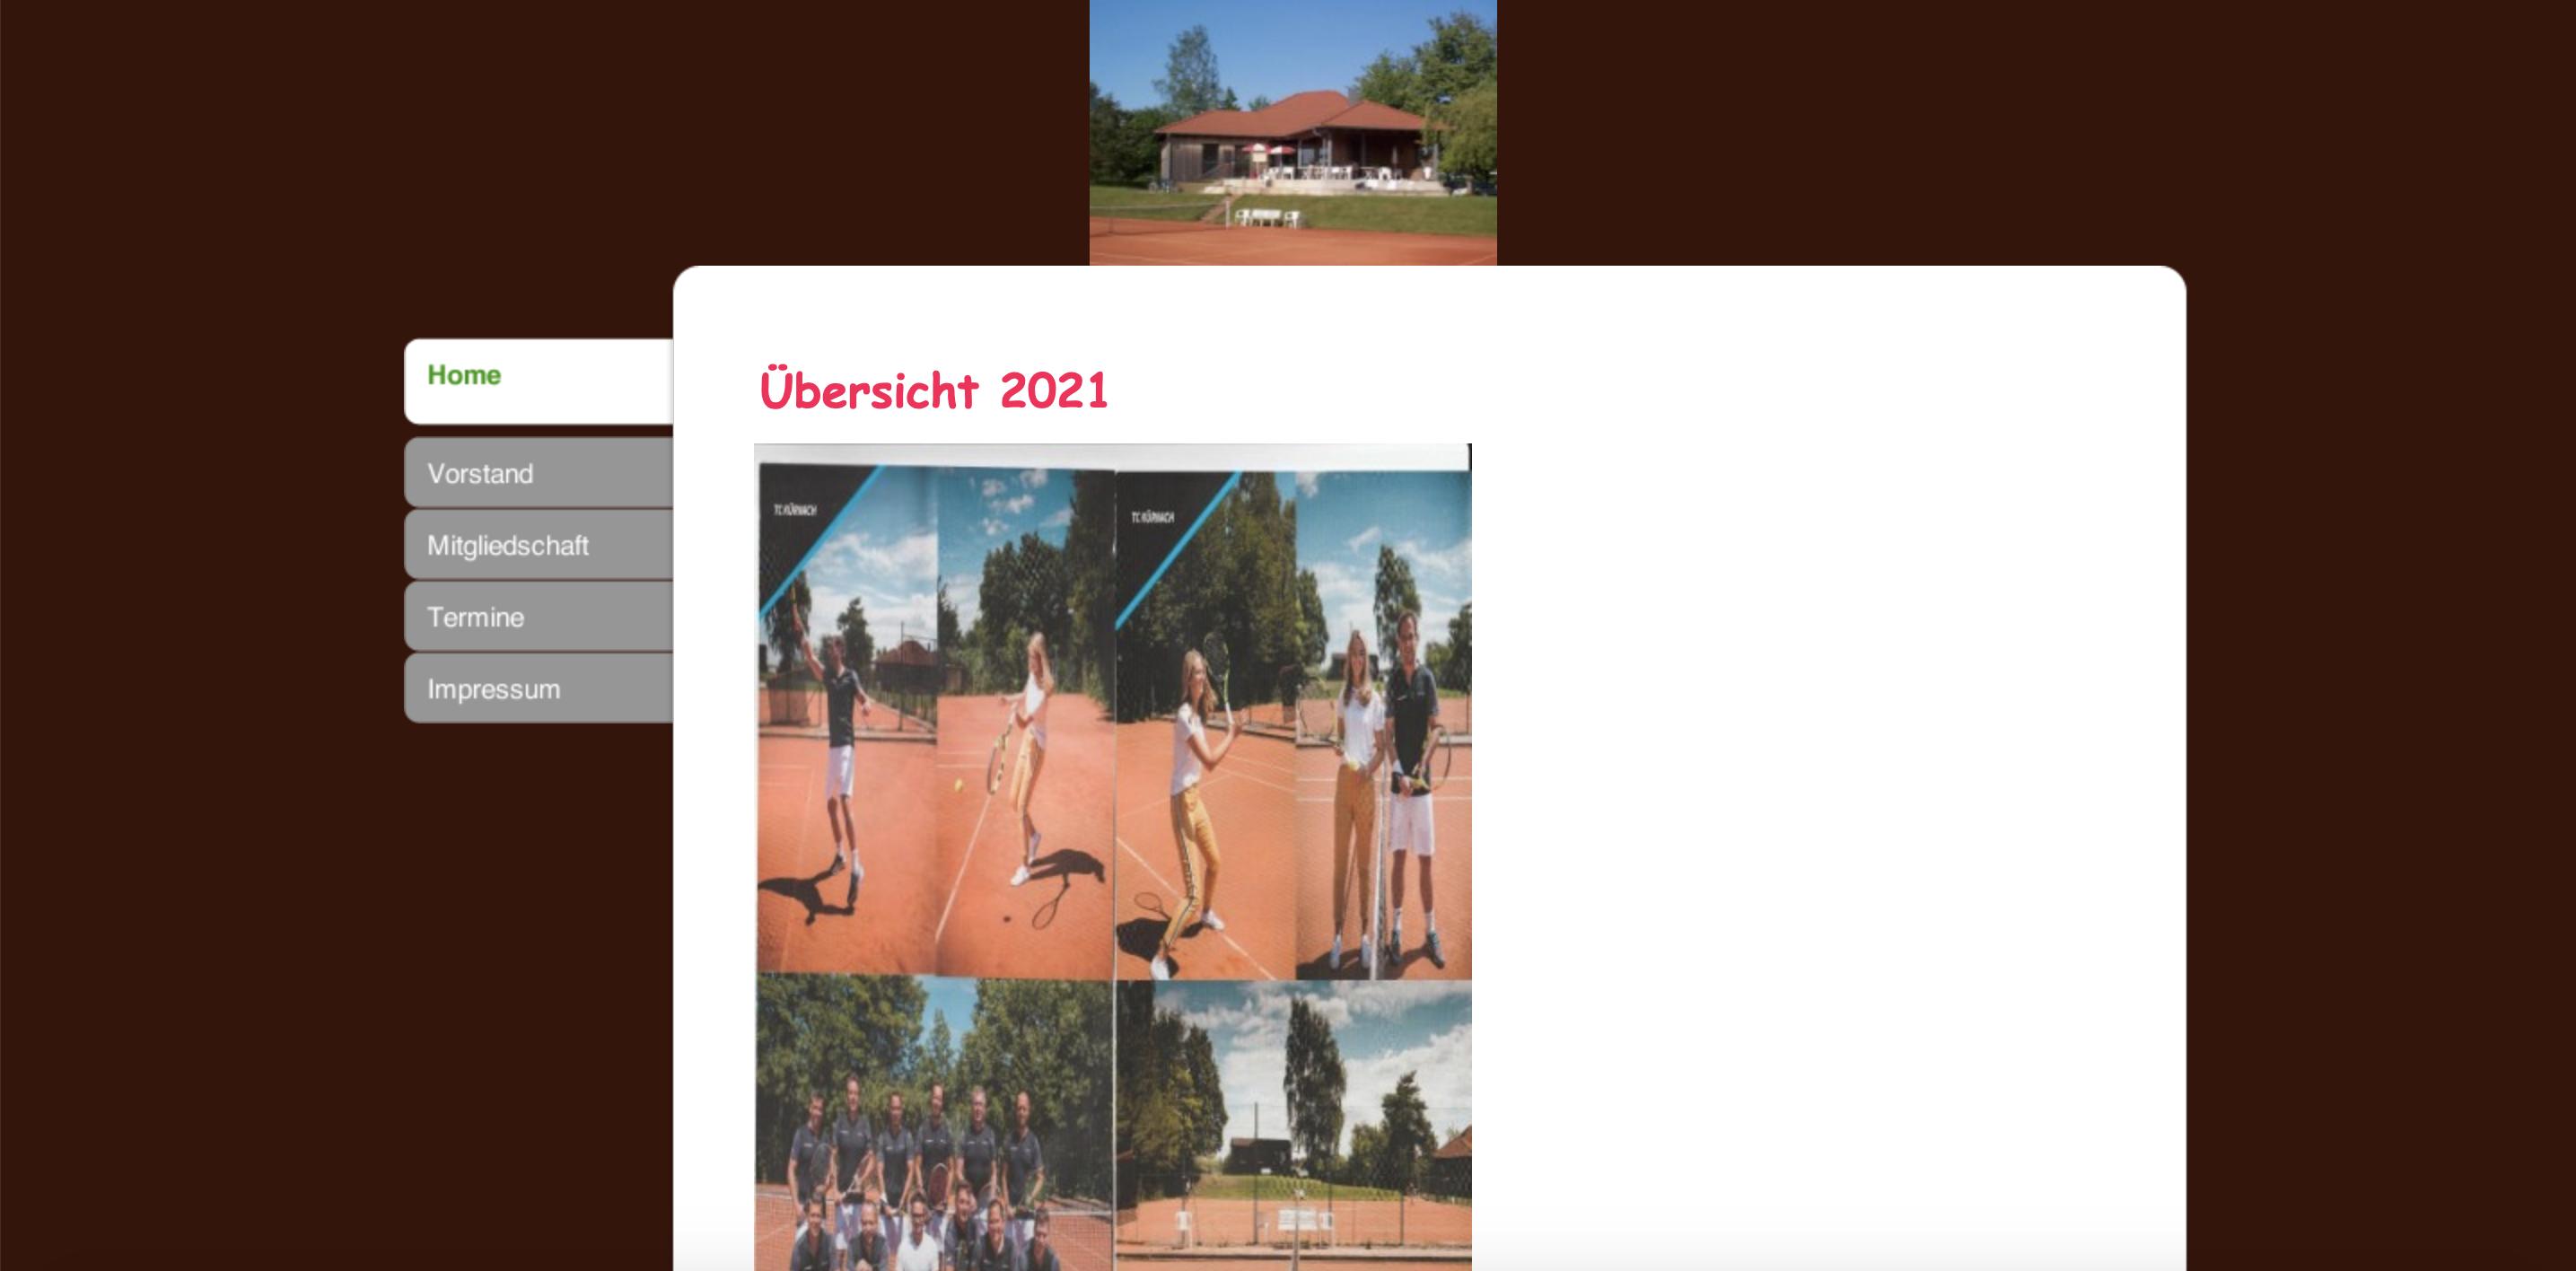 Die Homepage des TC Kürnach in neuem Glanz!